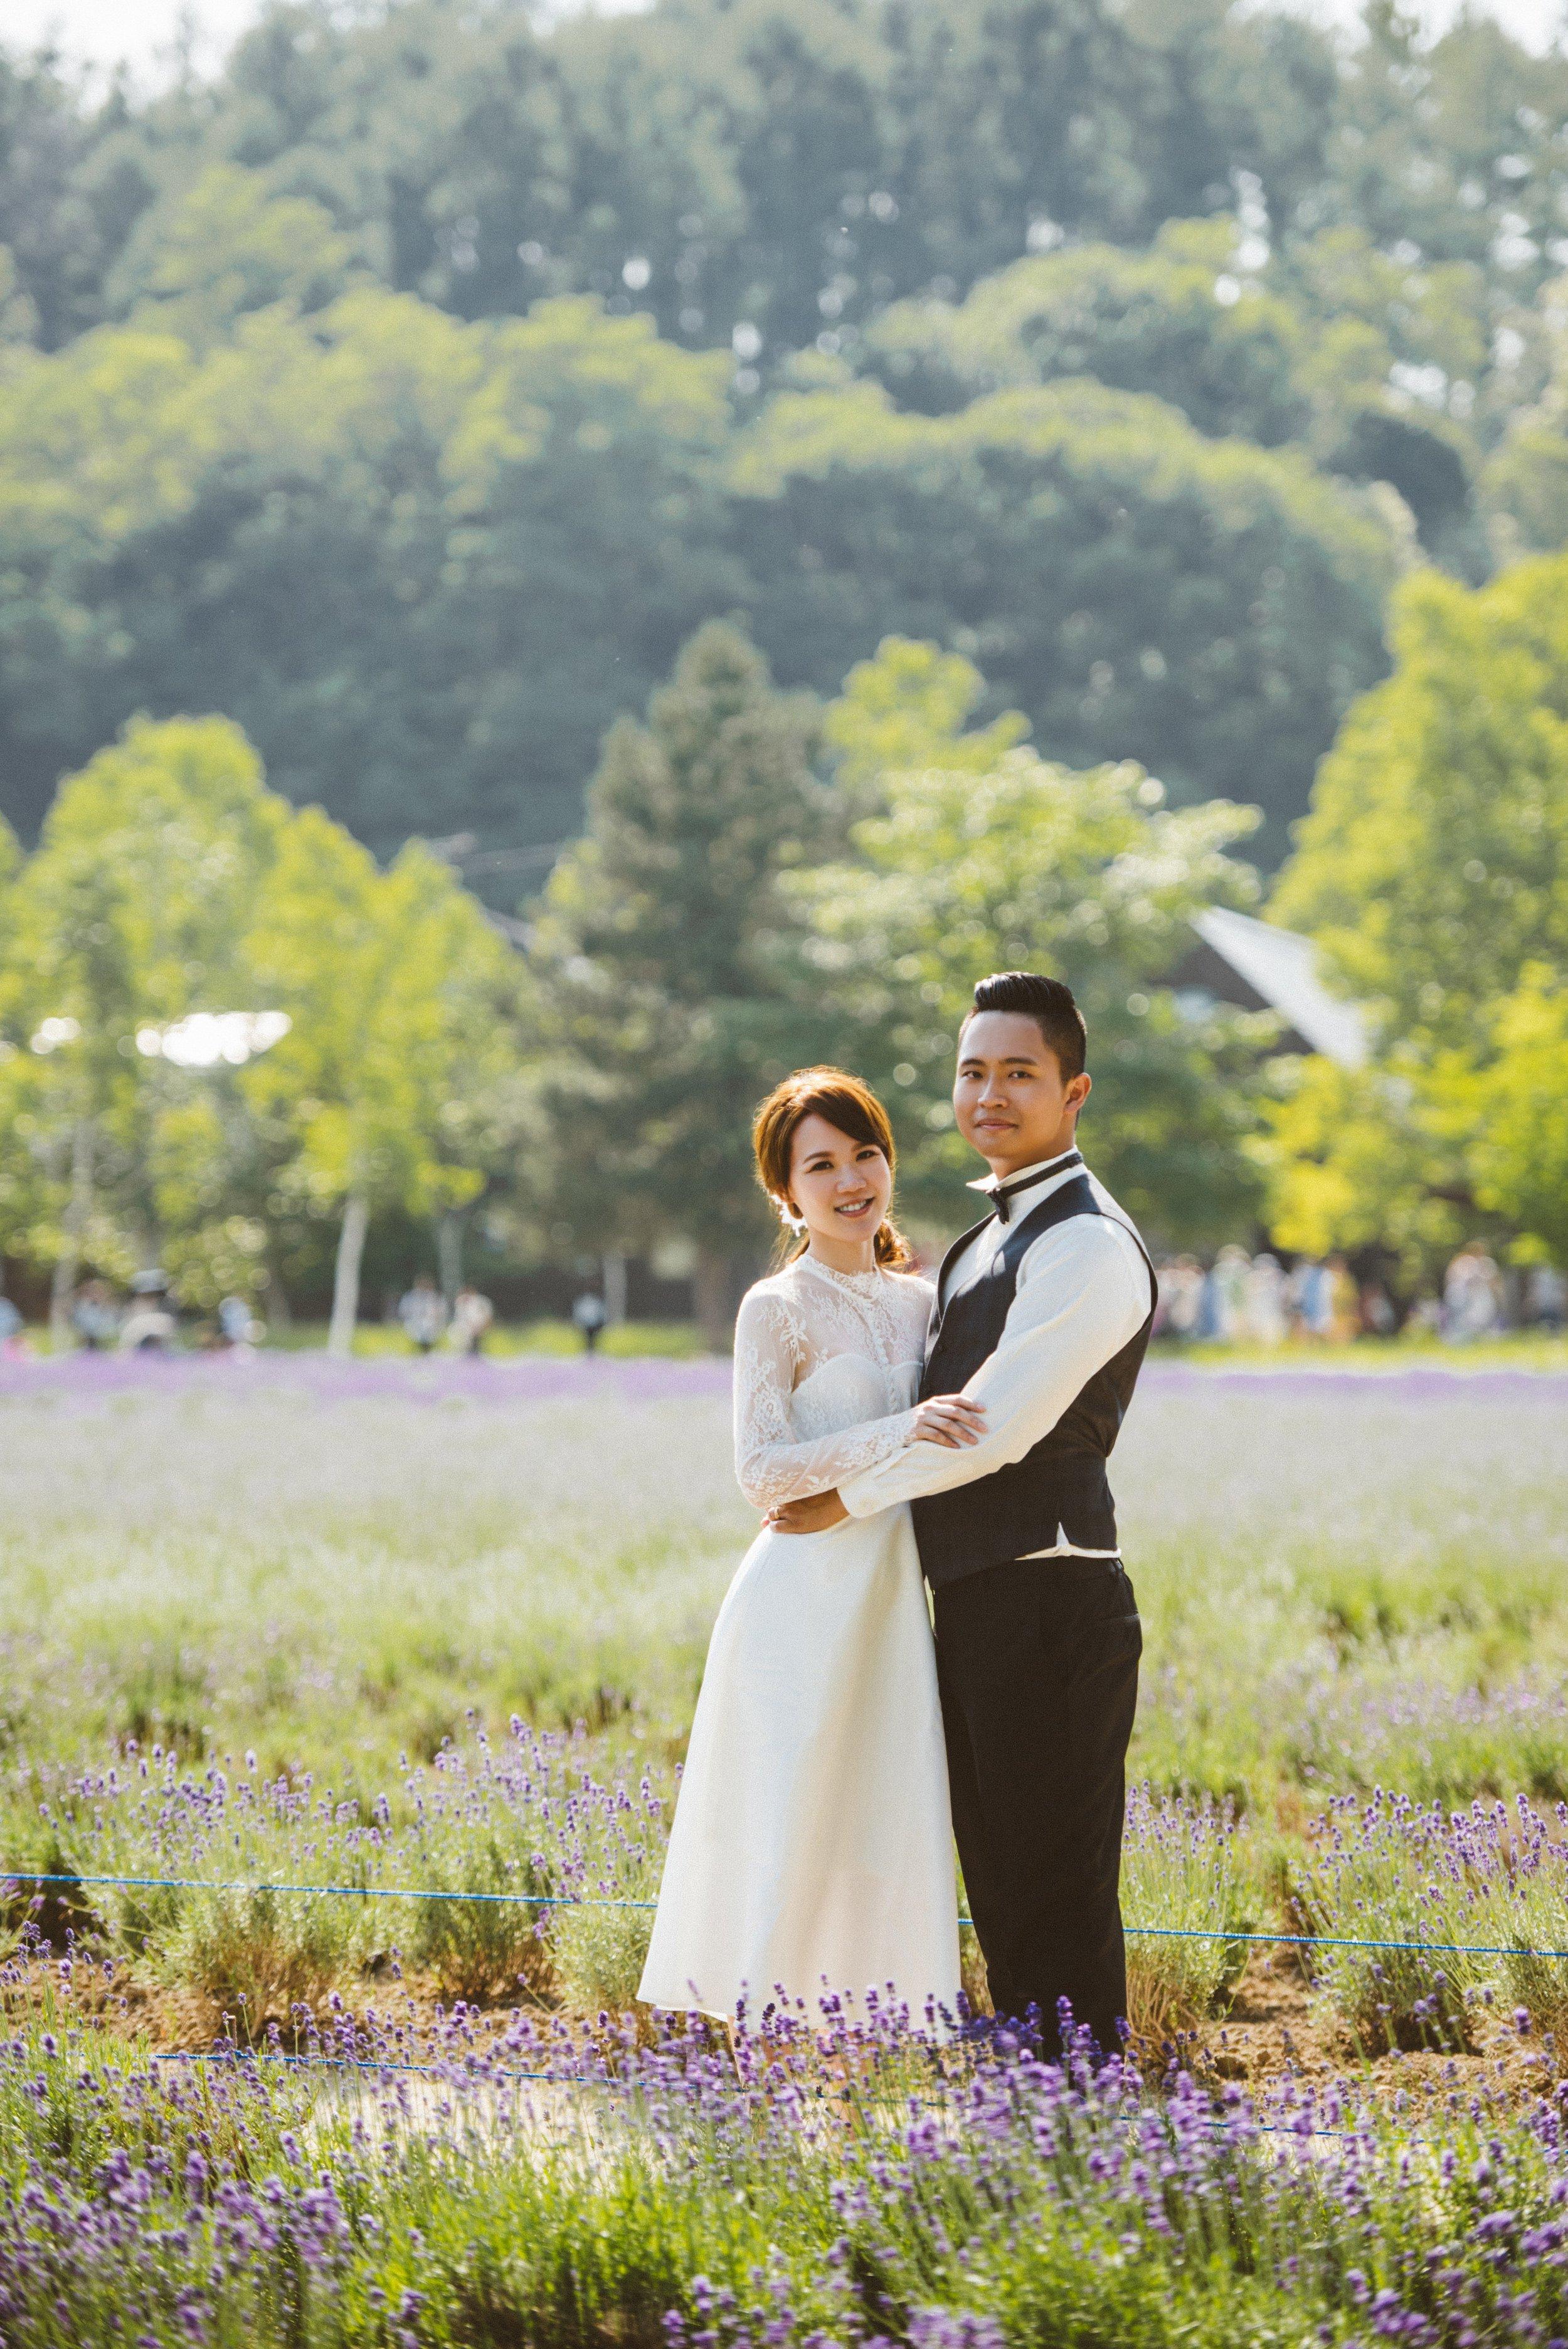 薰衣草婚紗推薦,海外婚紗攝影工作室推薦